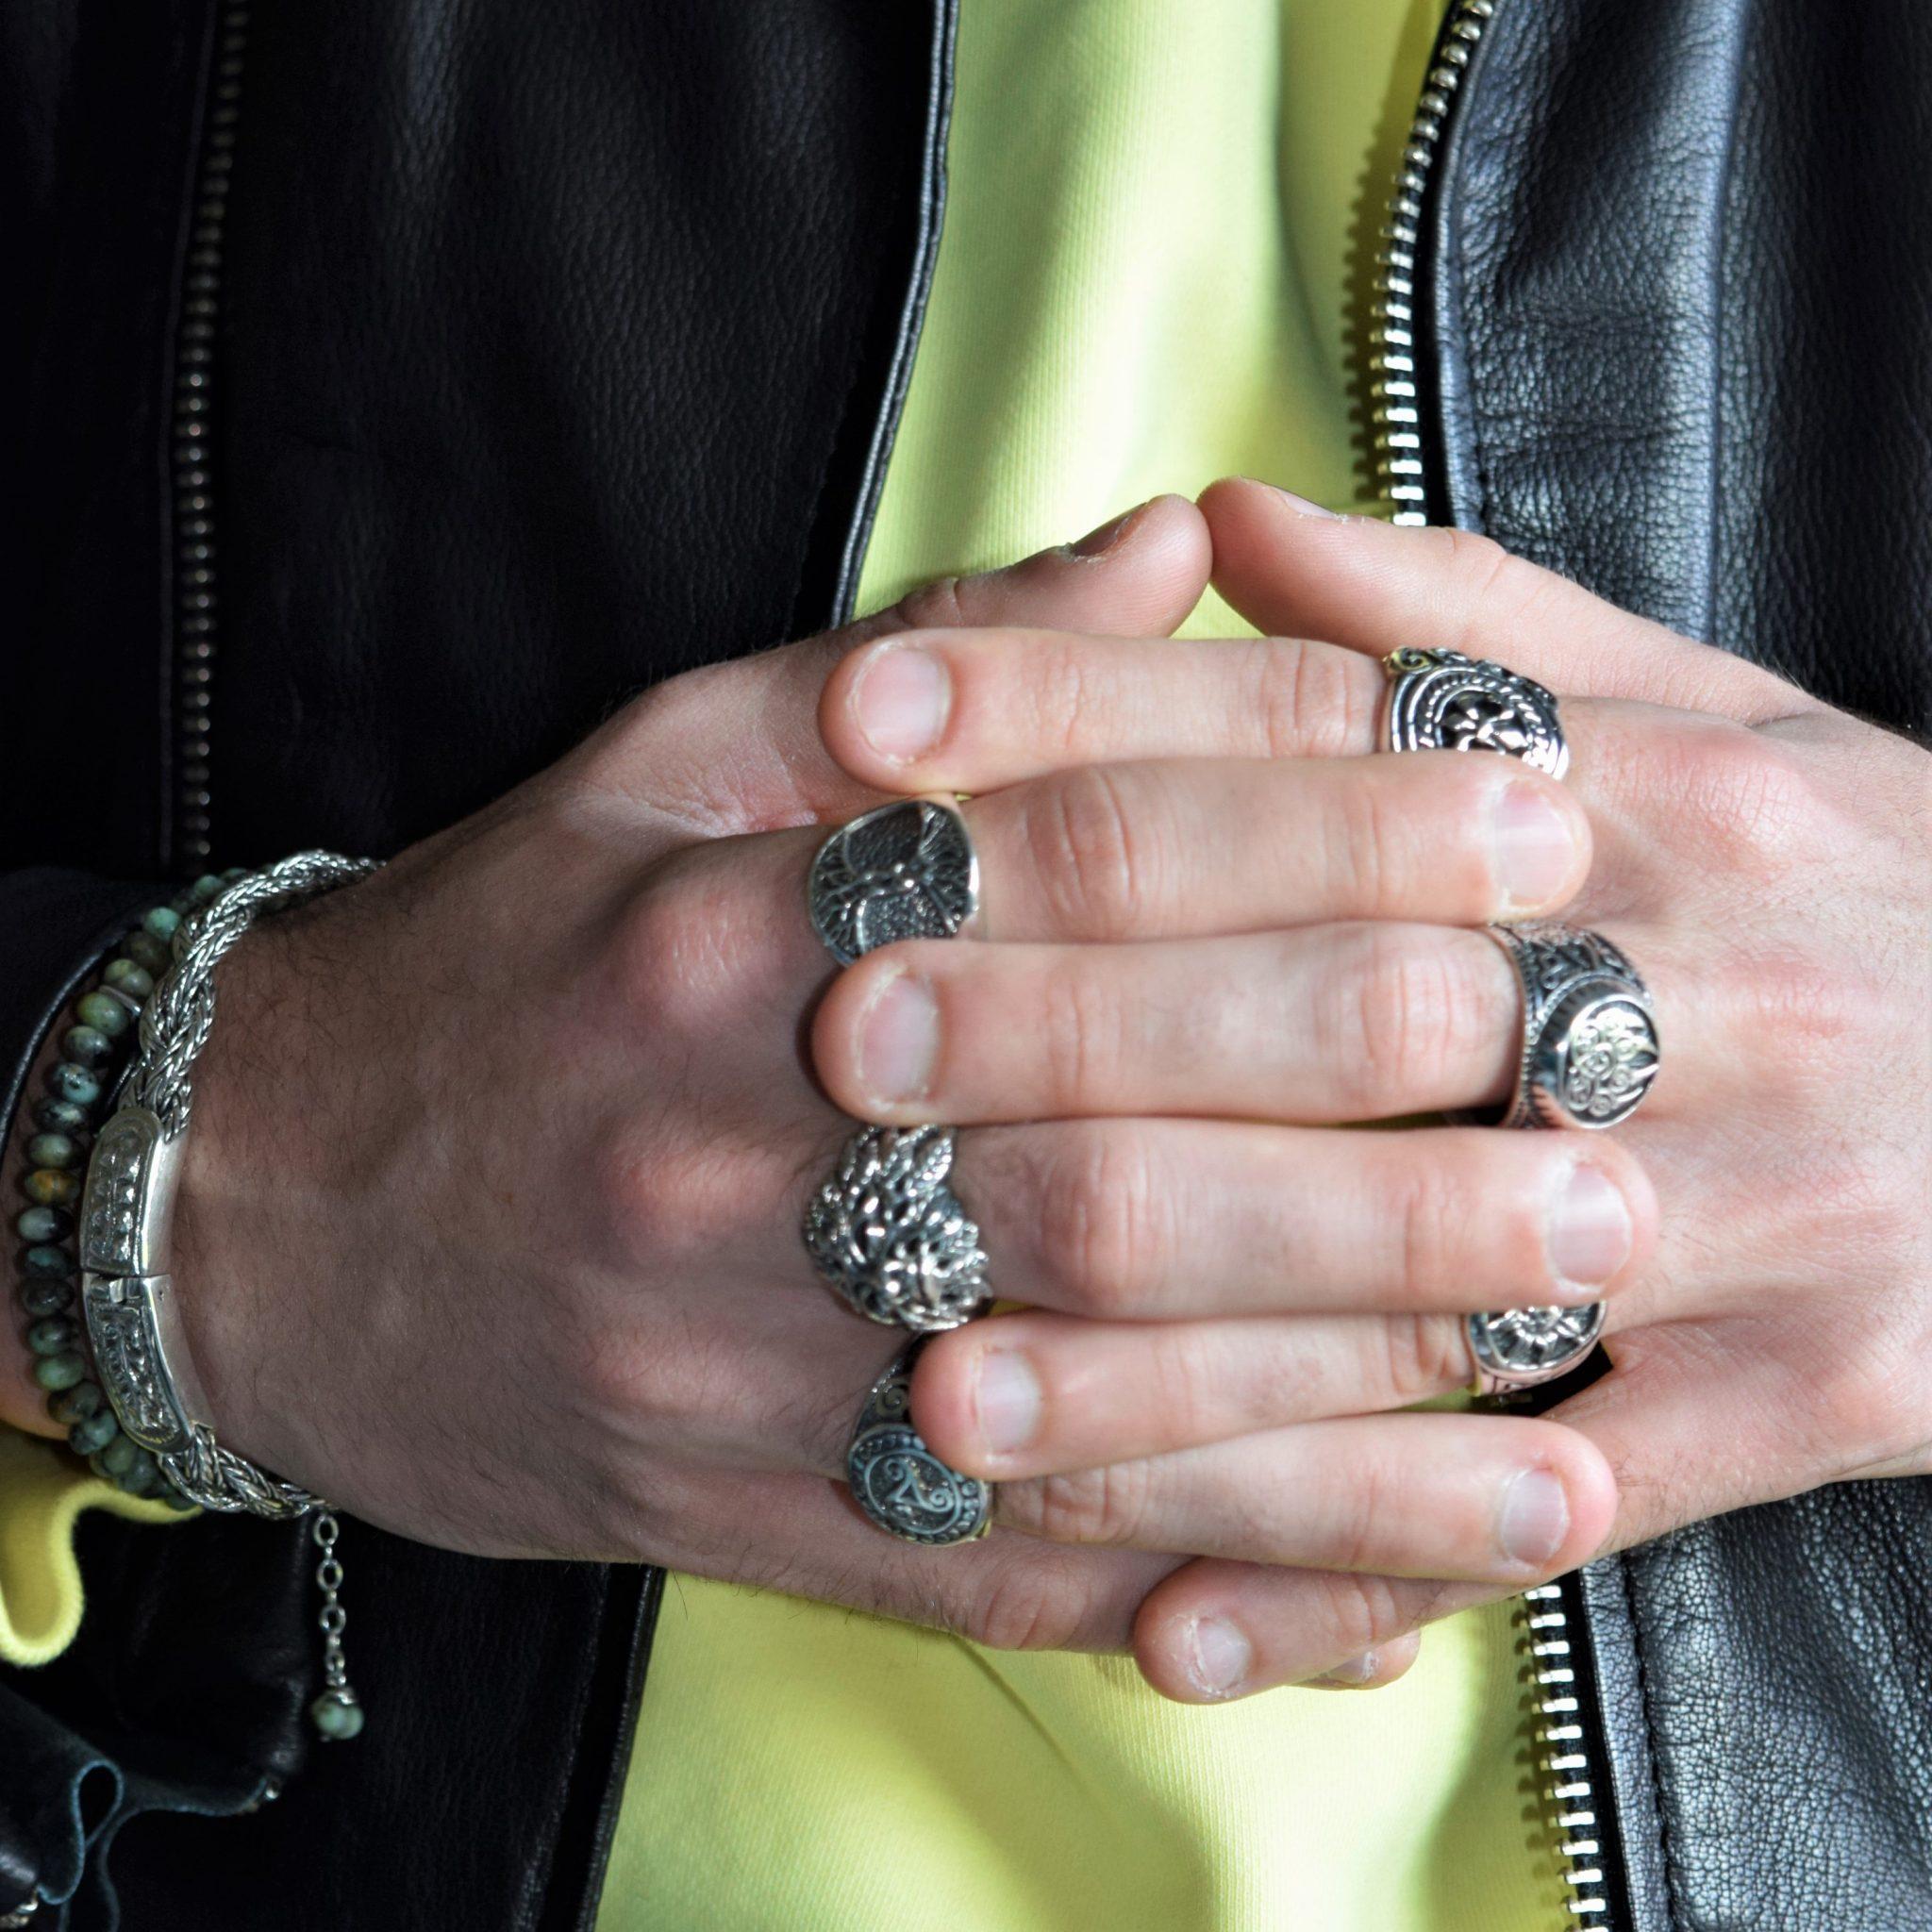 bracciali e collane uomo, foto con tag heuer e sigarillos controluce altrigioielli